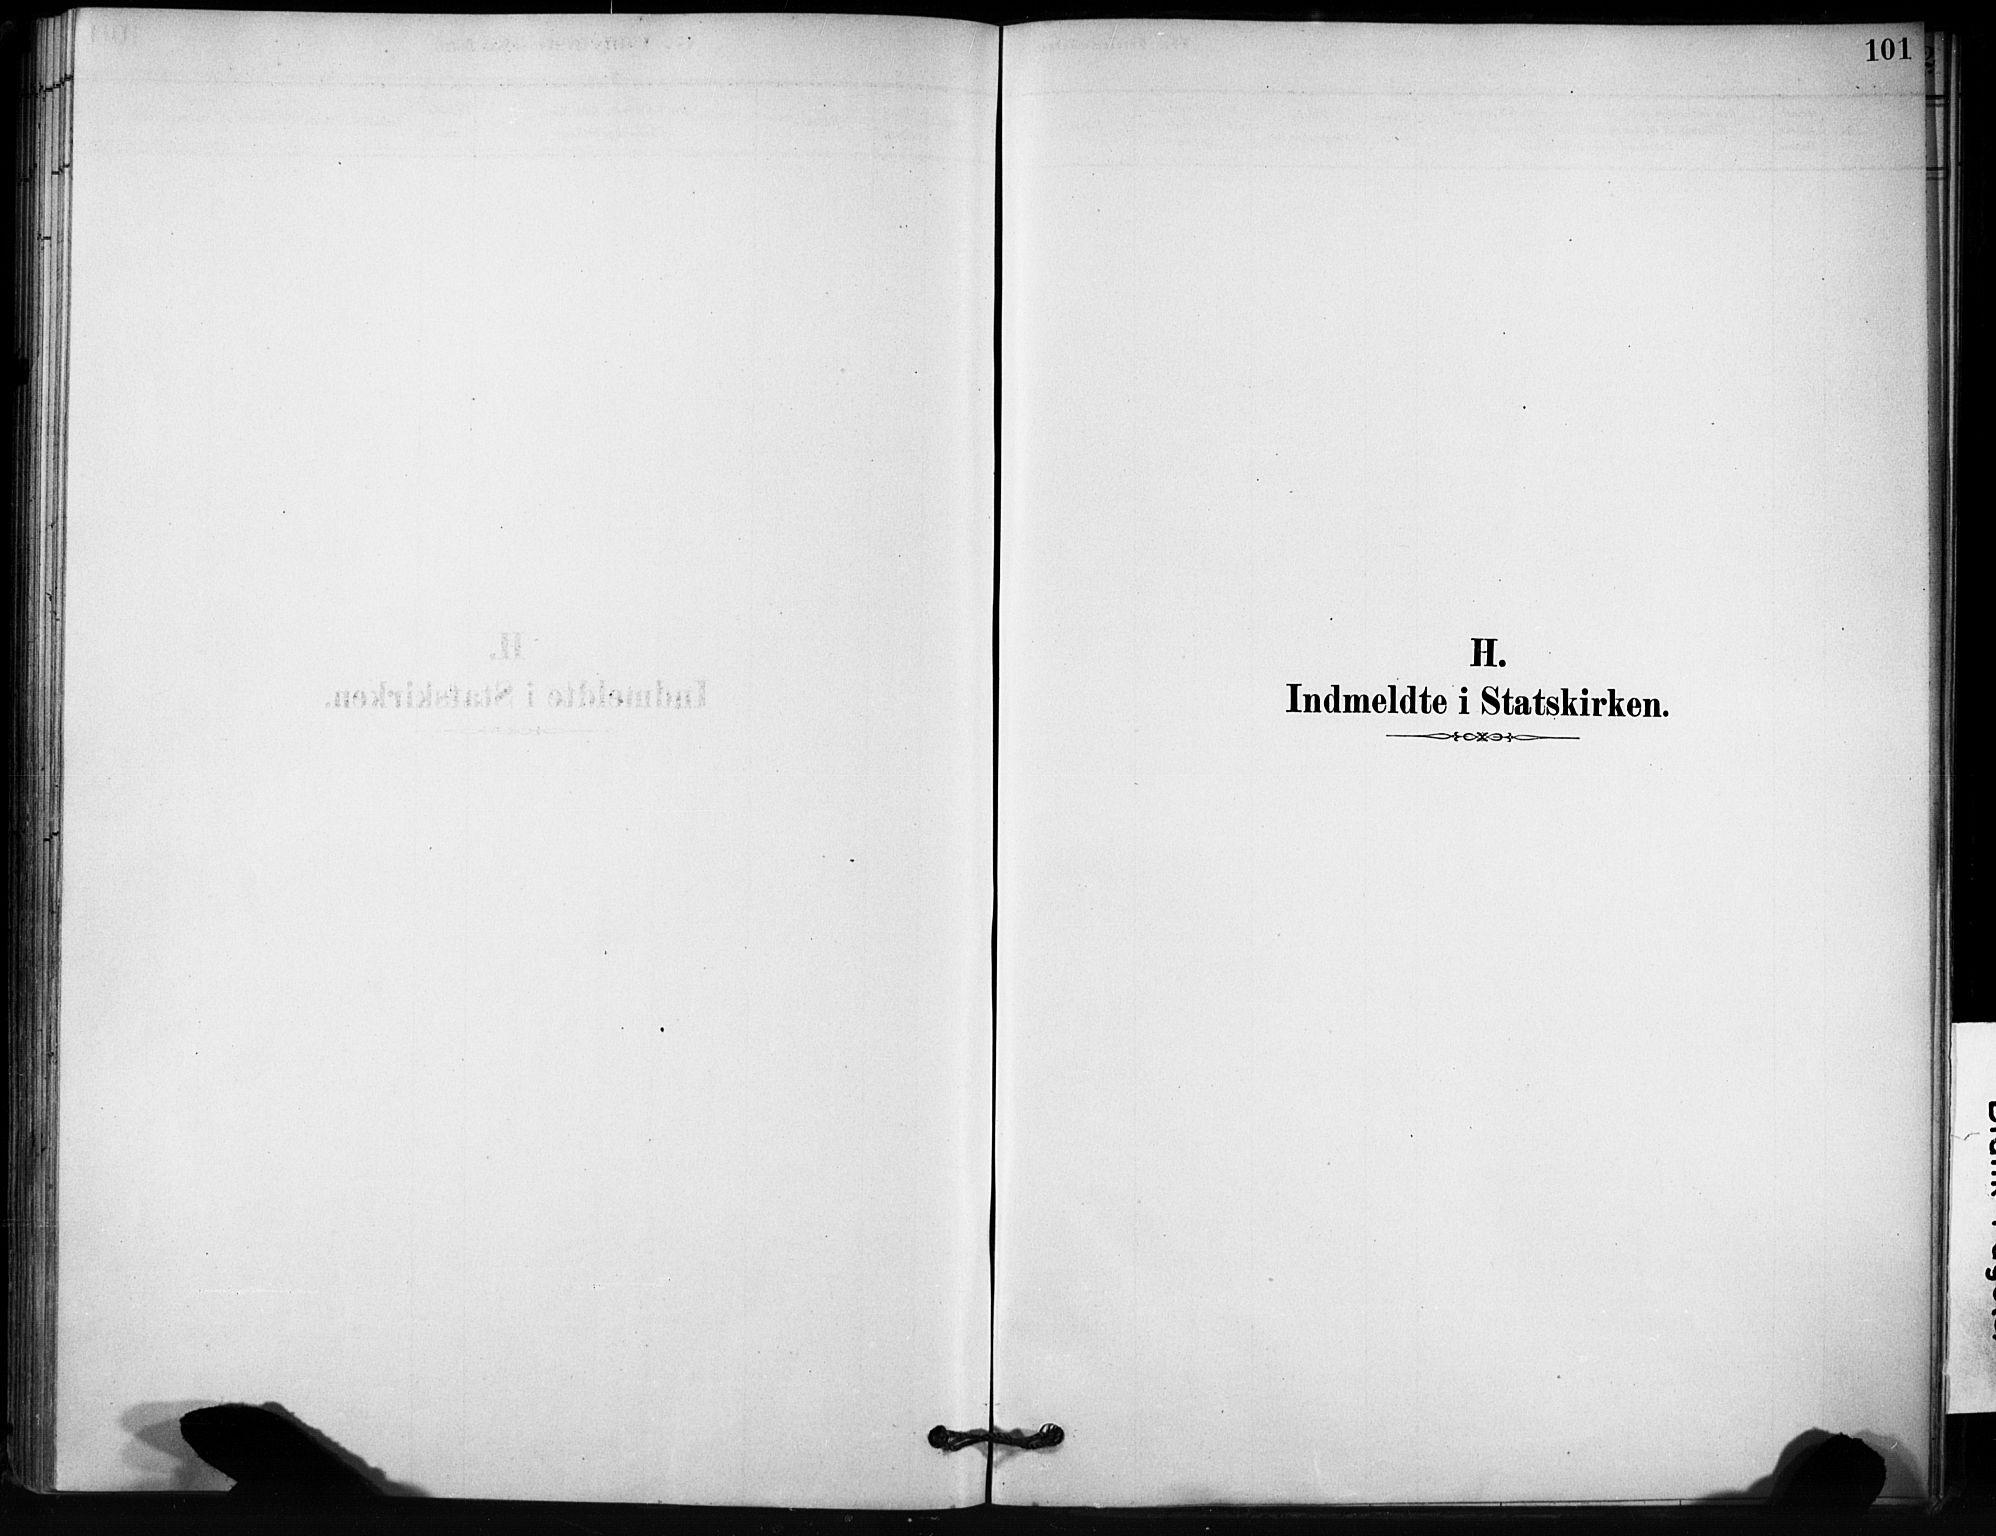 SAT, Ministerialprotokoller, klokkerbøker og fødselsregistre - Sør-Trøndelag, 666/L0786: Ministerialbok nr. 666A04, 1878-1895, s. 101